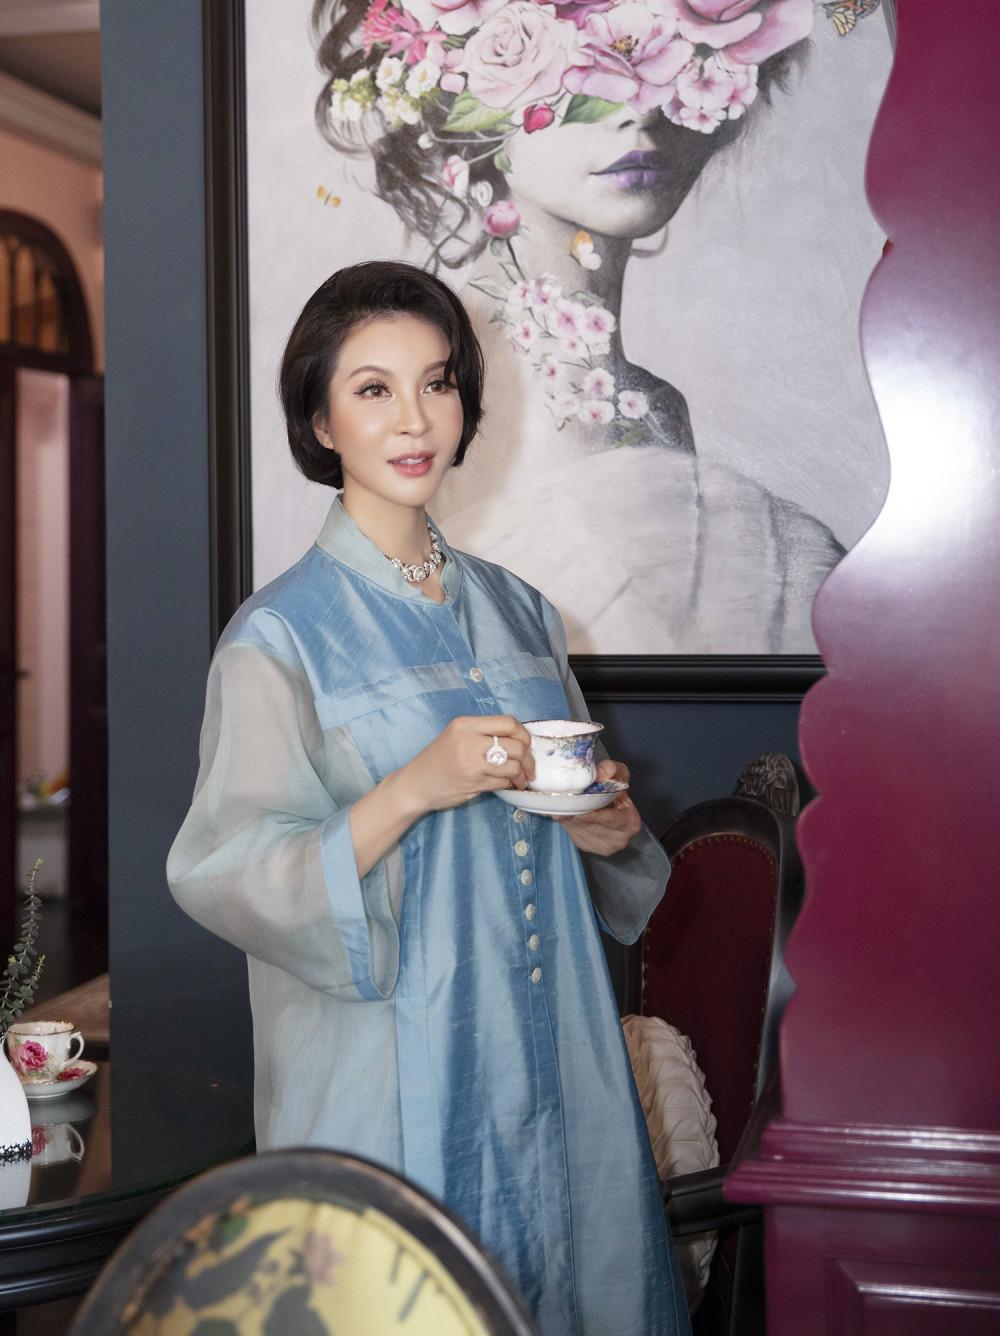 Với trang phục lụa, Thanh Mai thuờg chọn ngọc trai hoặc trang sức màu ánh kim để kết hợp cùng. Chị ưu tiên những thiết kế mảnh, hoặc có đường nét mềm mại.